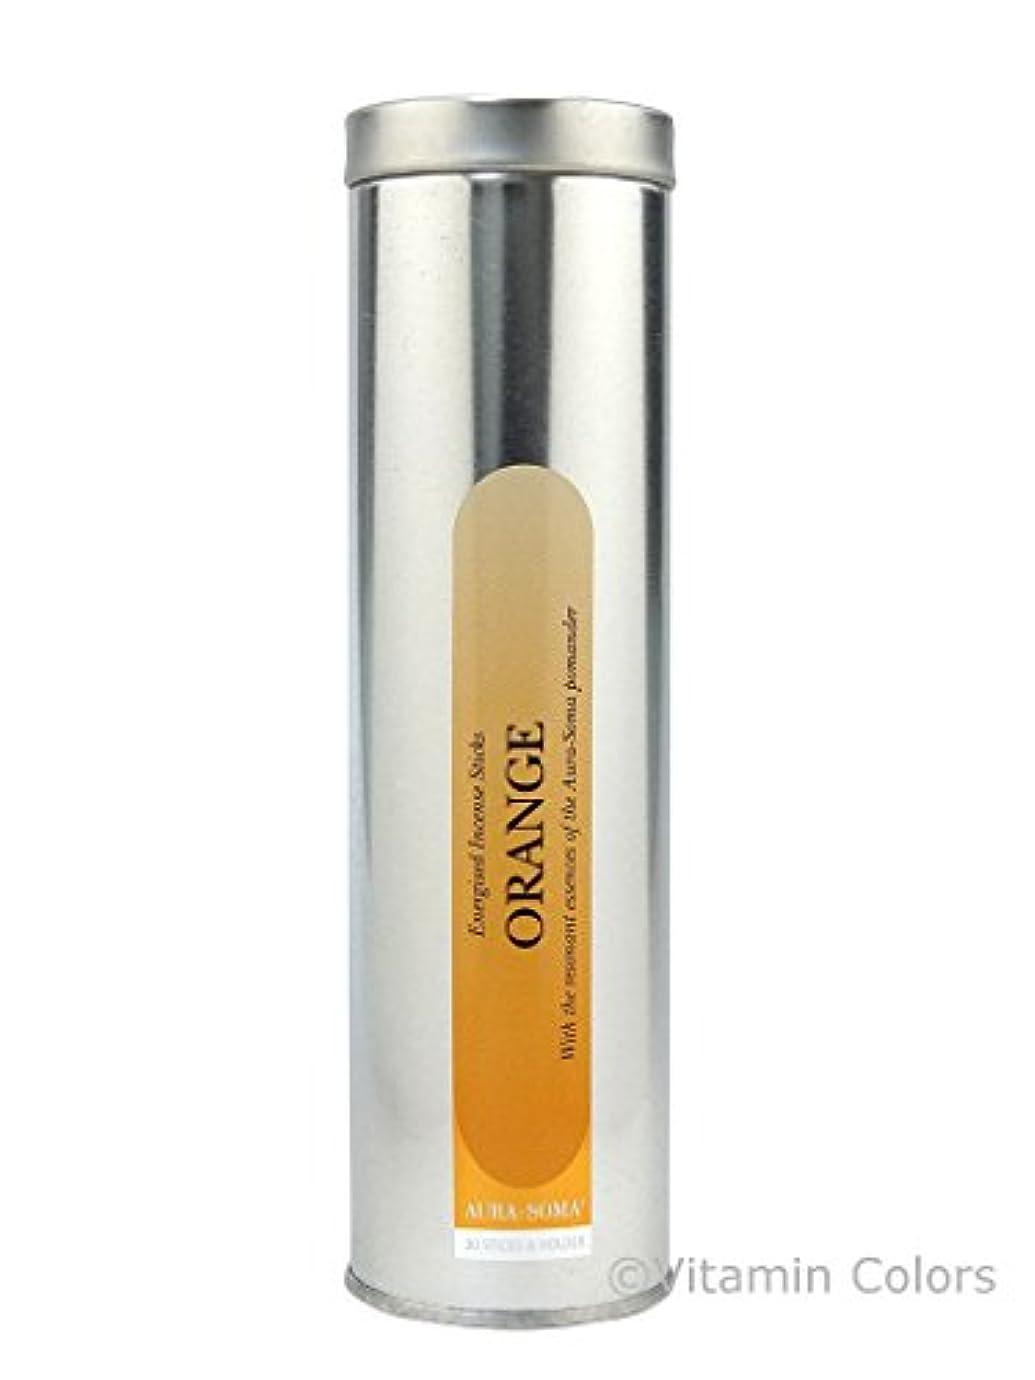 ループファッション厚いオーラソーマ インセンススティック オレンジ Aurasoma